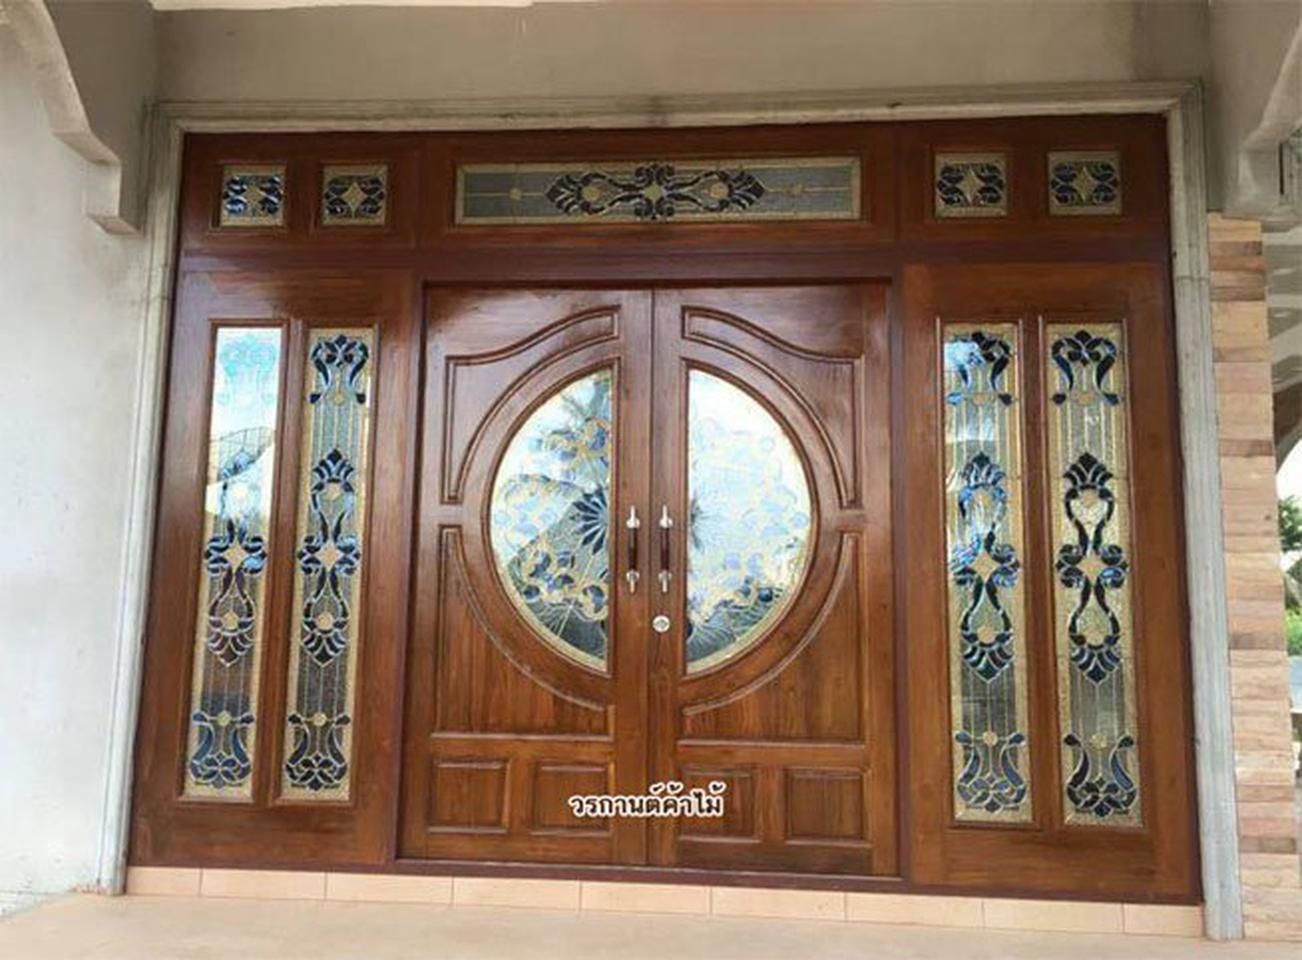 ร้านวรกานต์ค้าไม้ จำหน่าย ประตูไม้สักบานคู่กระจกนิรภัย ประตูไม้สักบานคู่ ประตูไม้สักบานเดี่ยว ทั้งปลีกและส่ง รูปที่ 3